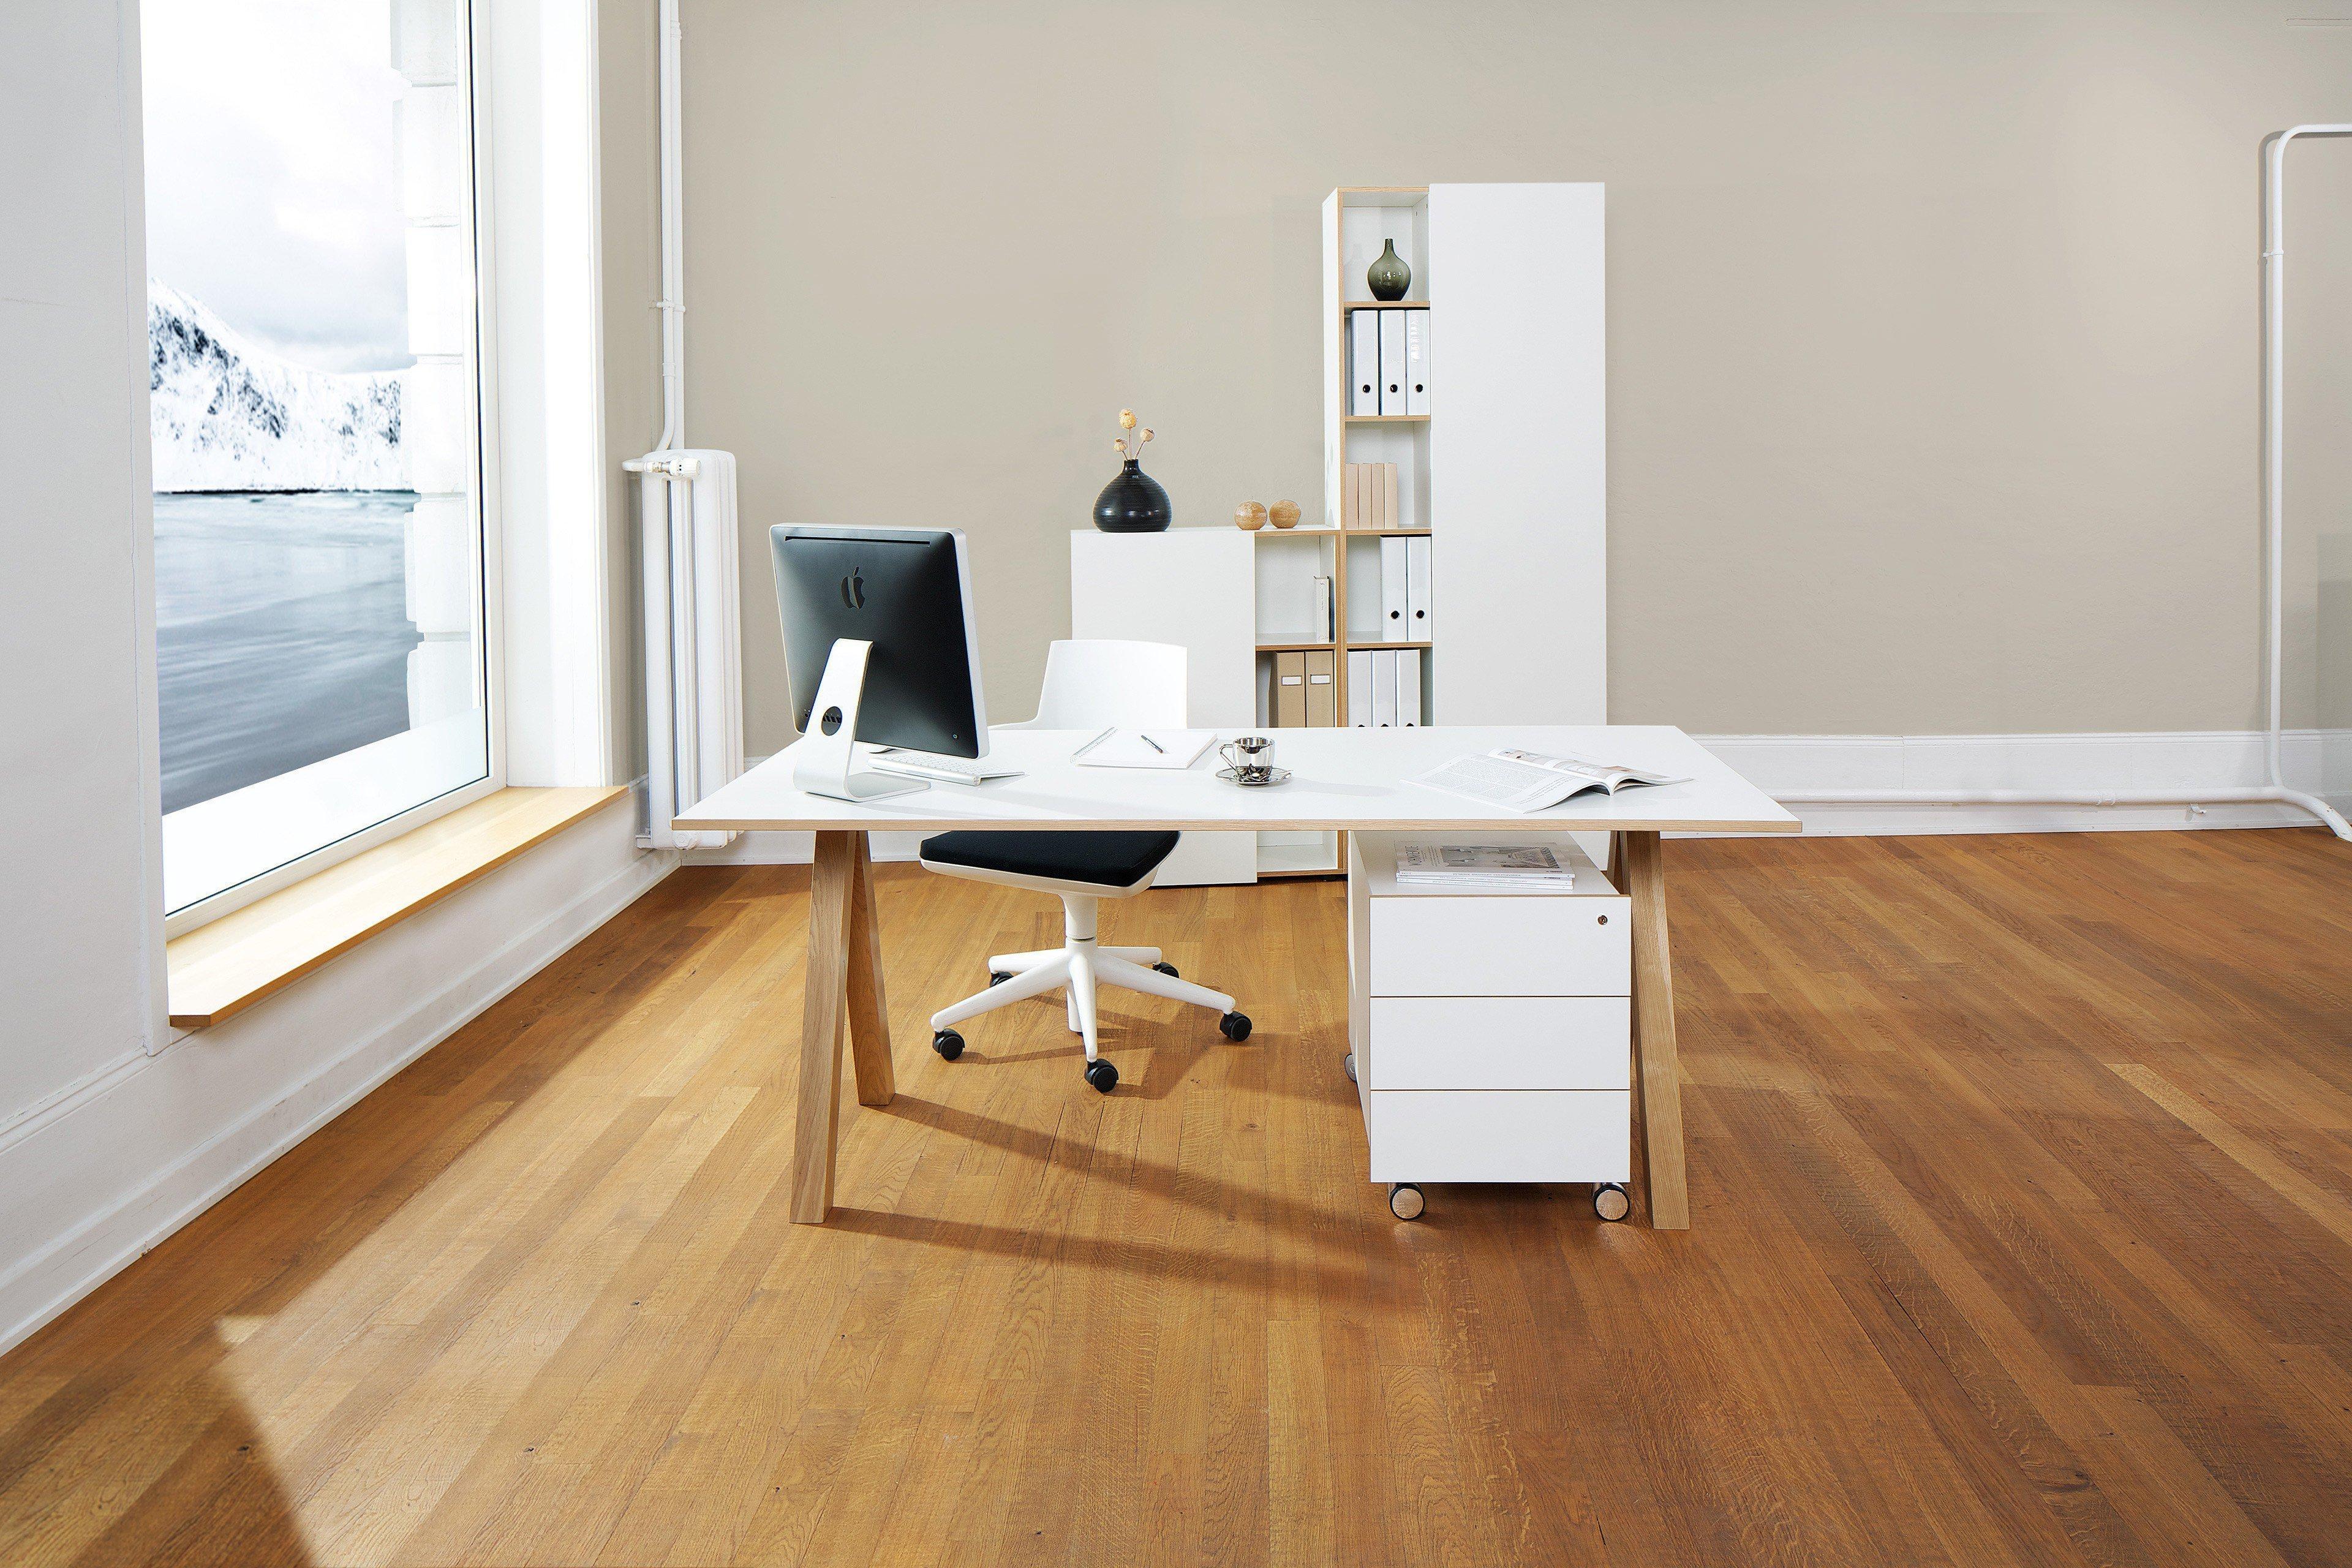 Vielhauer Büromöbel vielhauer büromöbel shop design